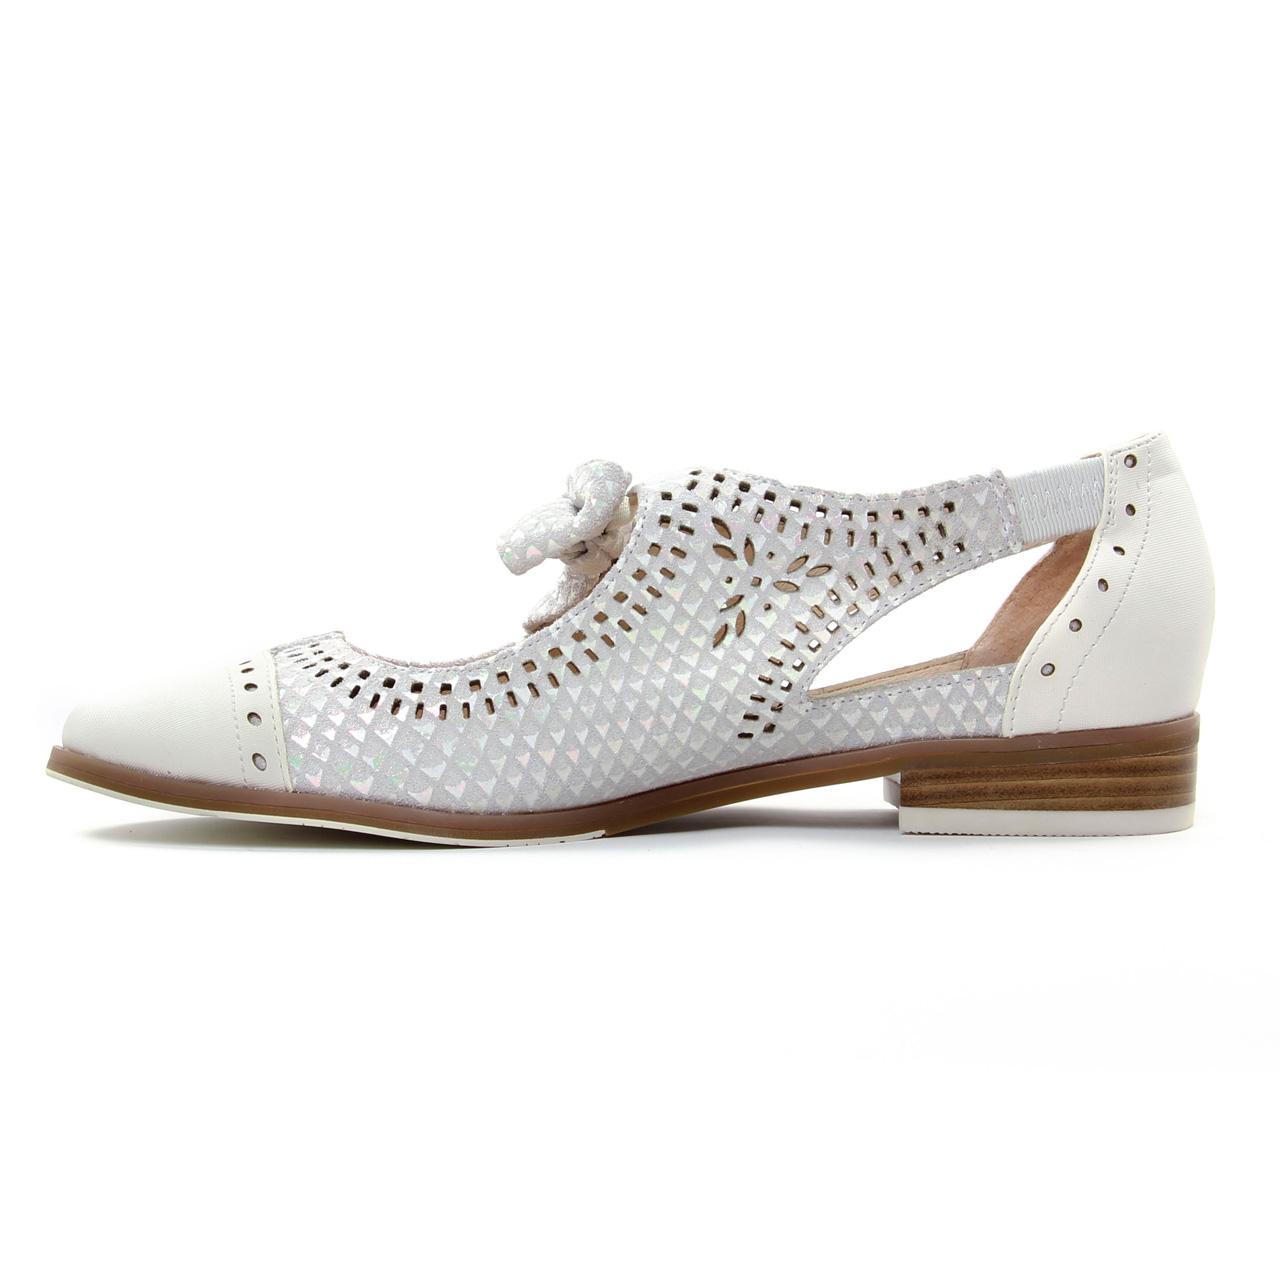 e5b308d7561 derbys blanc argent mode femme printemps été 2019 vue 3